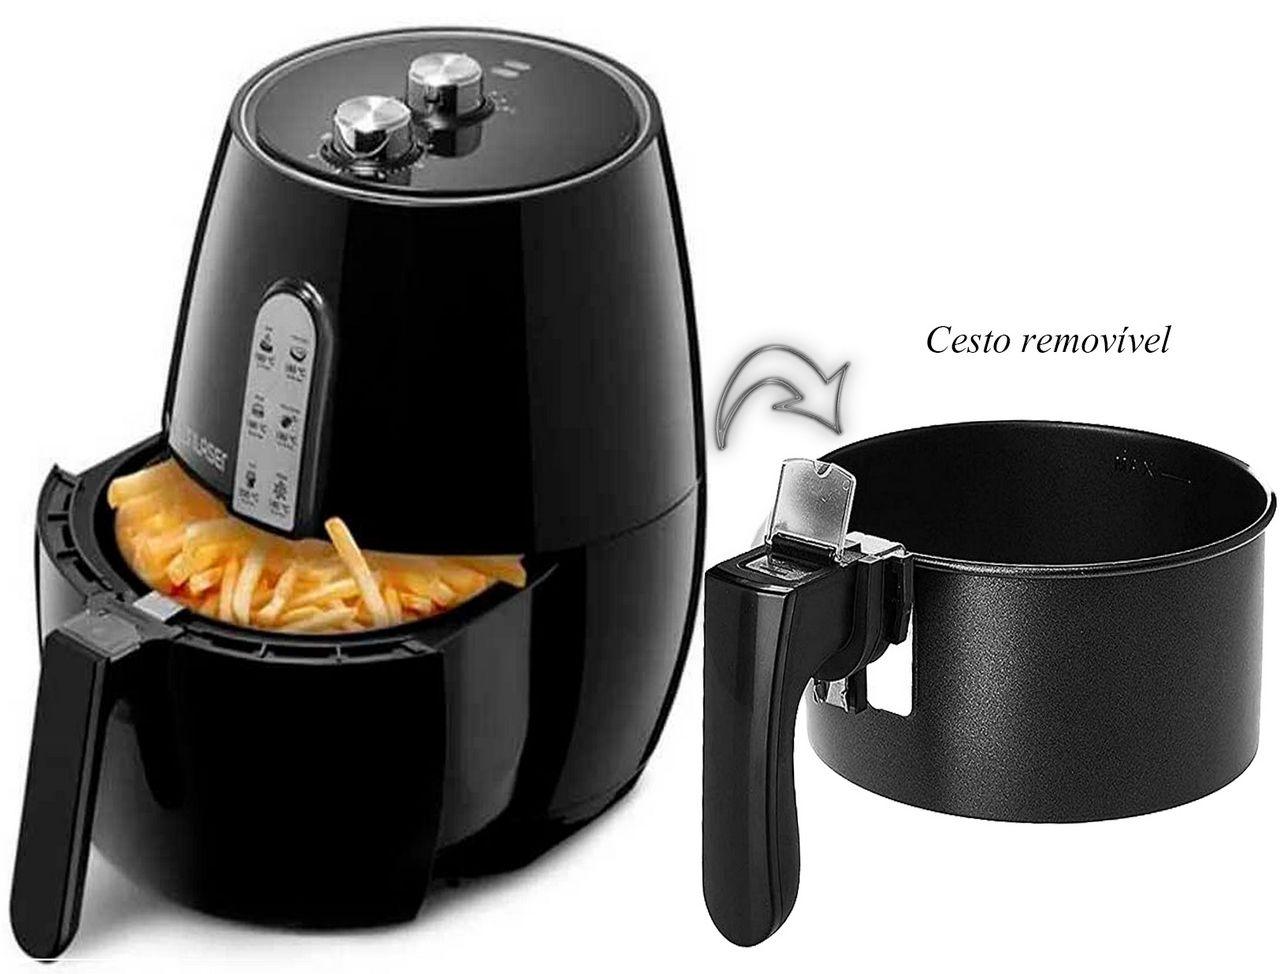 Fritadeira Elétrica Air Fryer Gourmet 127V-1400W Multilaser 3,5 Litros Frita Sem Óleo Com Cesto Removível Timer 30 Minutos Multilaser